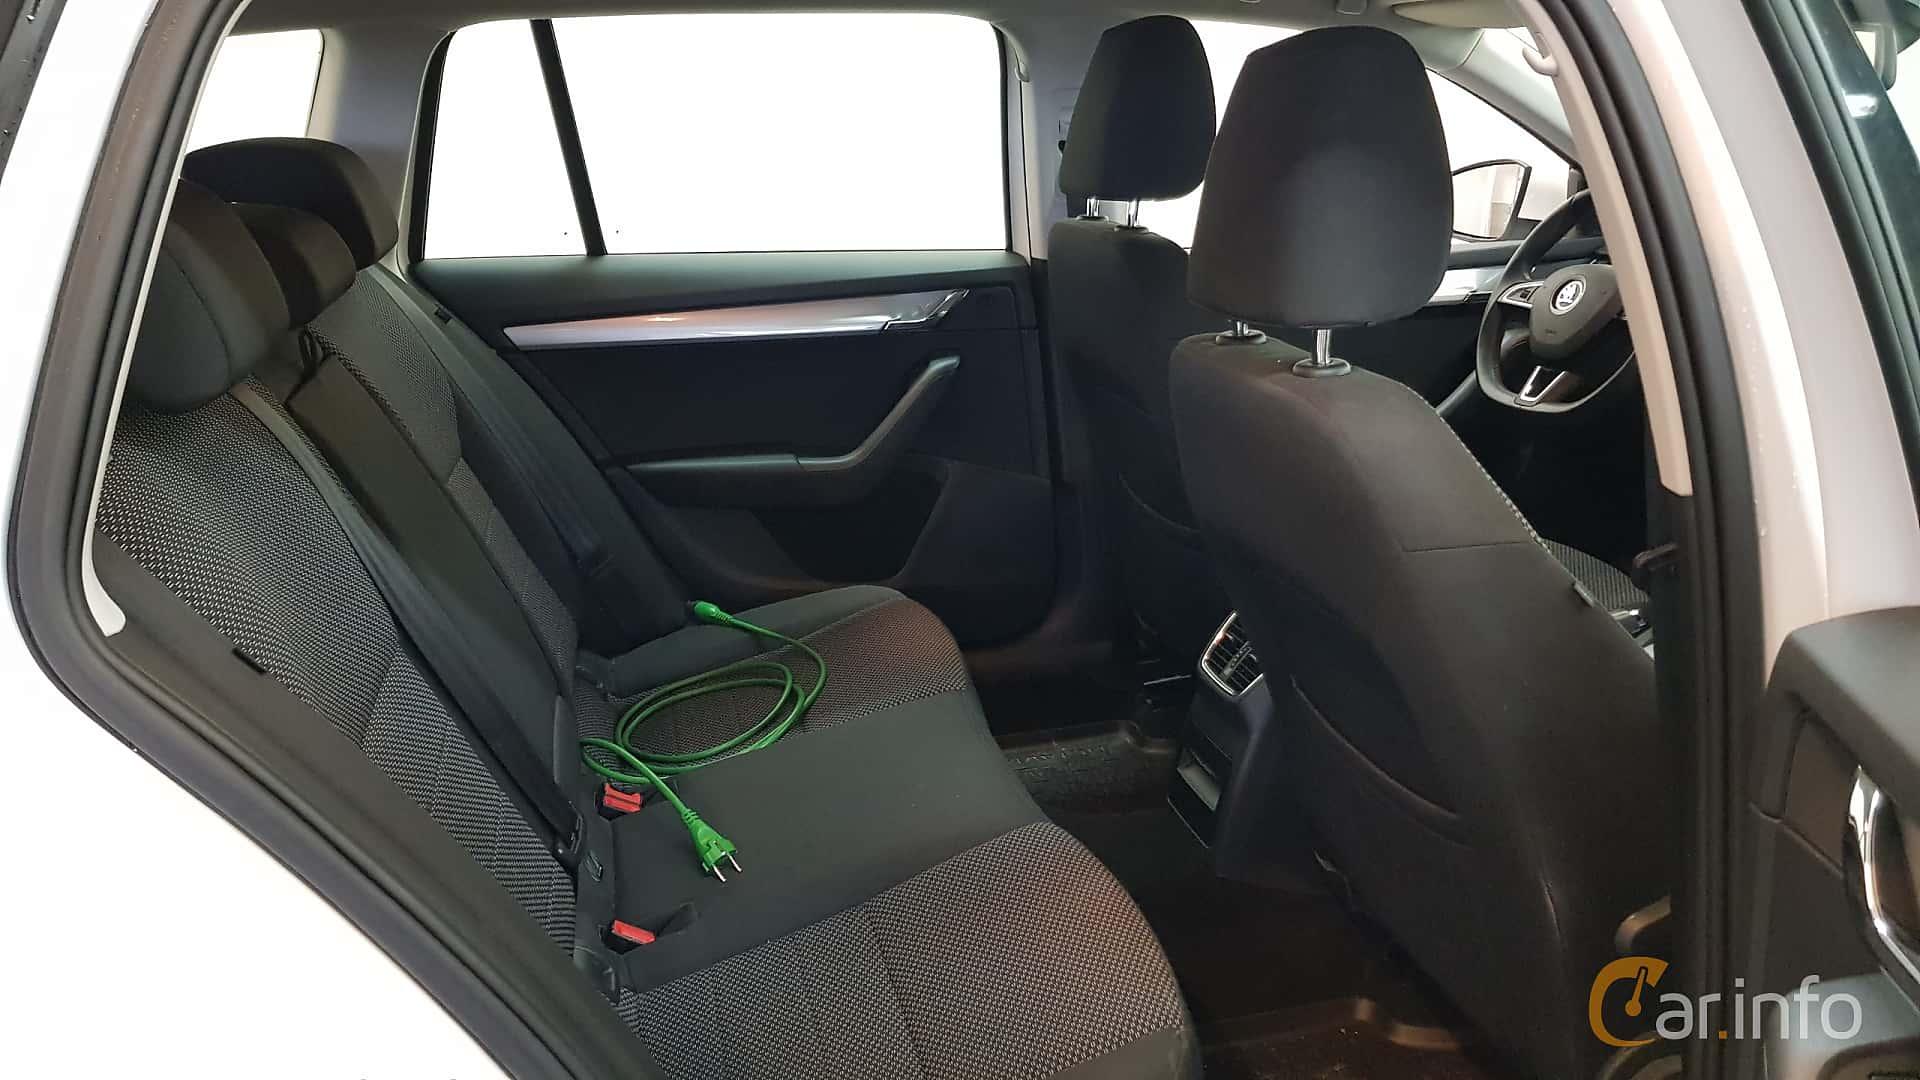 skoda-octavia-combi-interior-2-517846.jpg